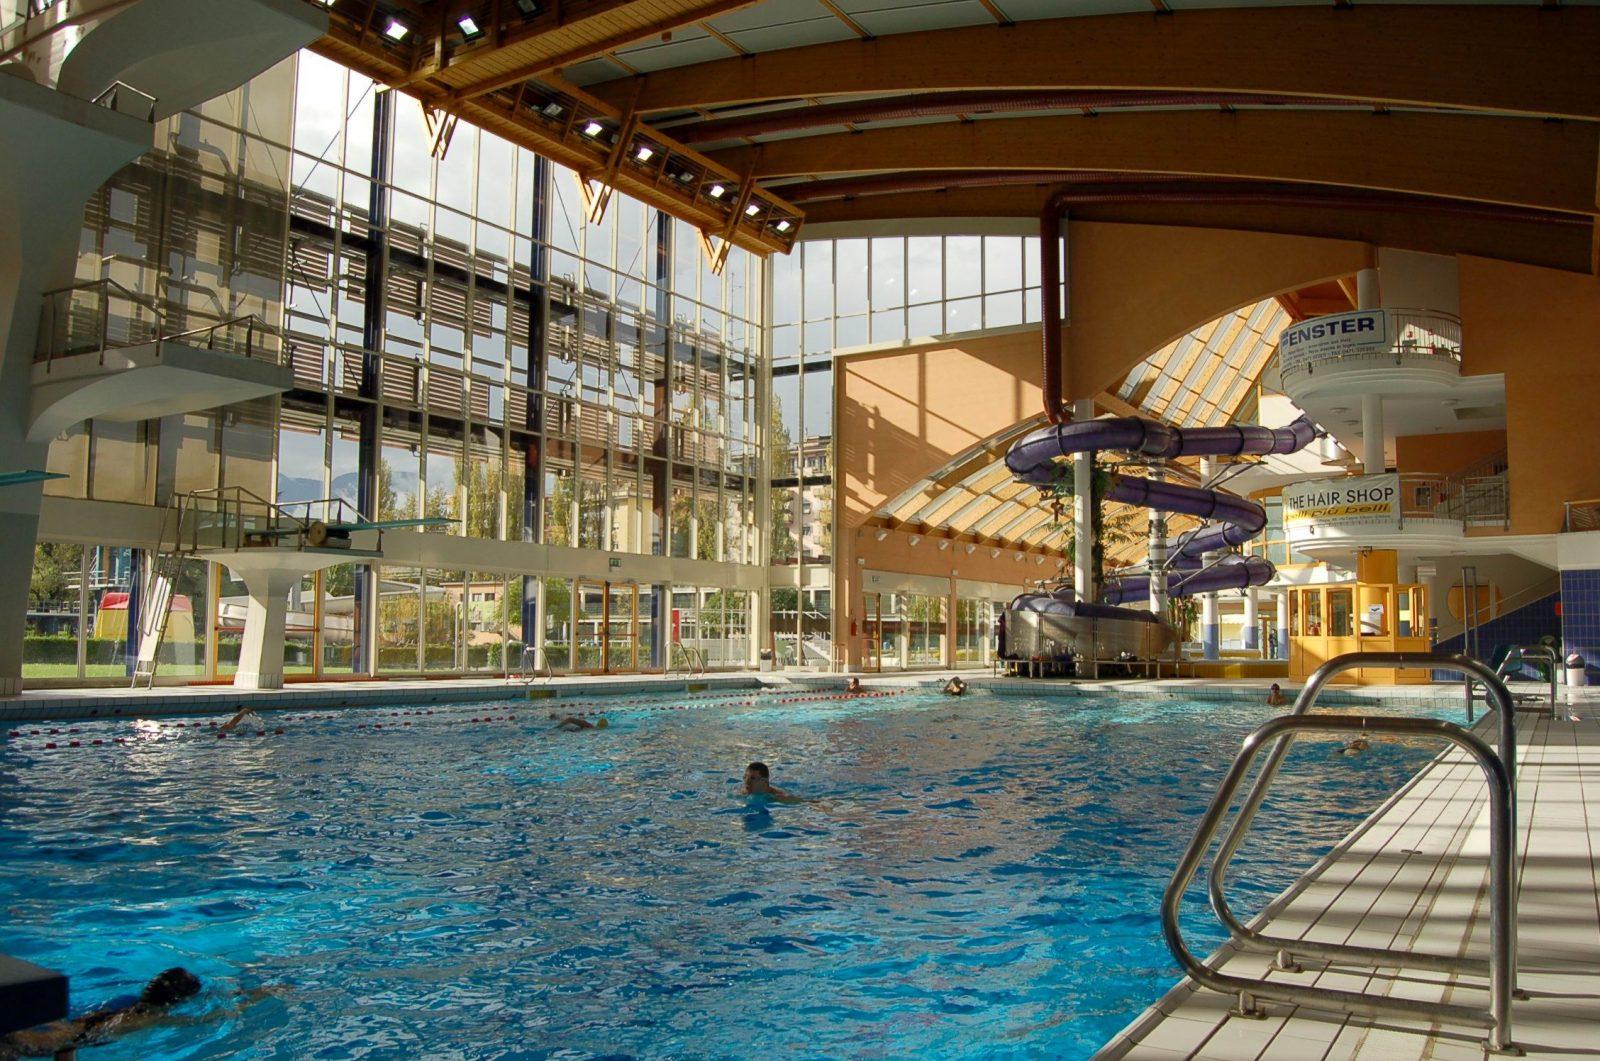 La piscina coperta di viale trieste riapre sabato 4 for Piani di piscina coperta